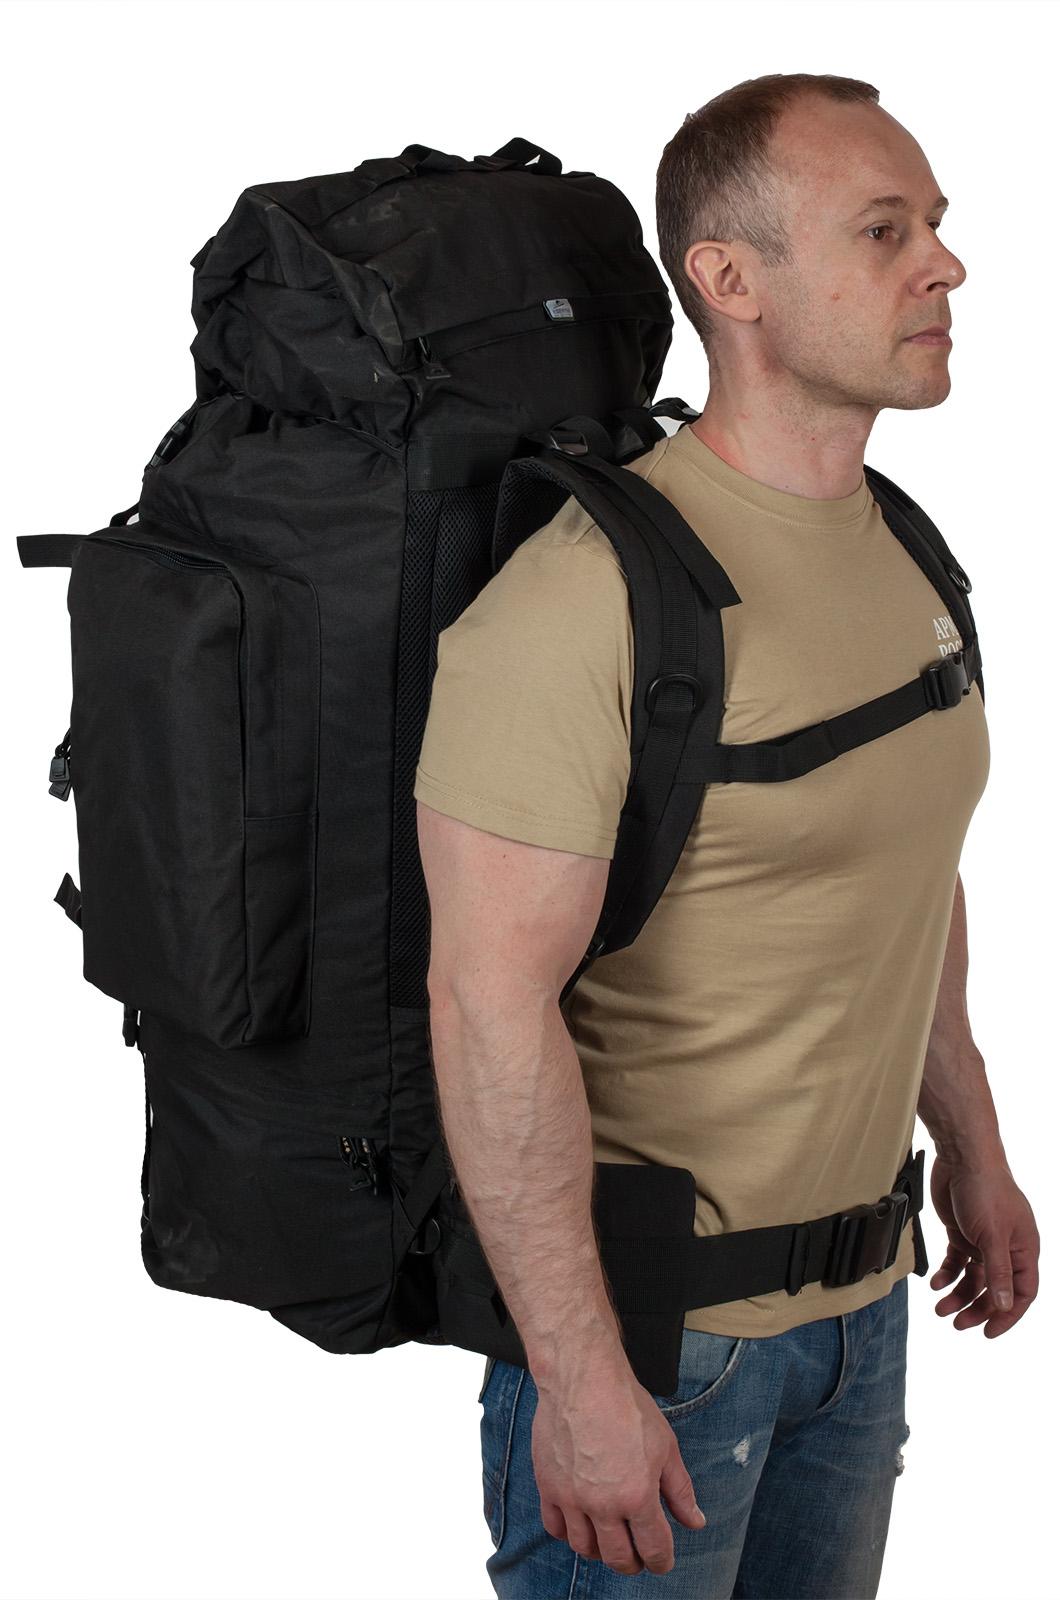 Многодневный штурмовой рюкзак с нашивкой ДПС - купить онлайн